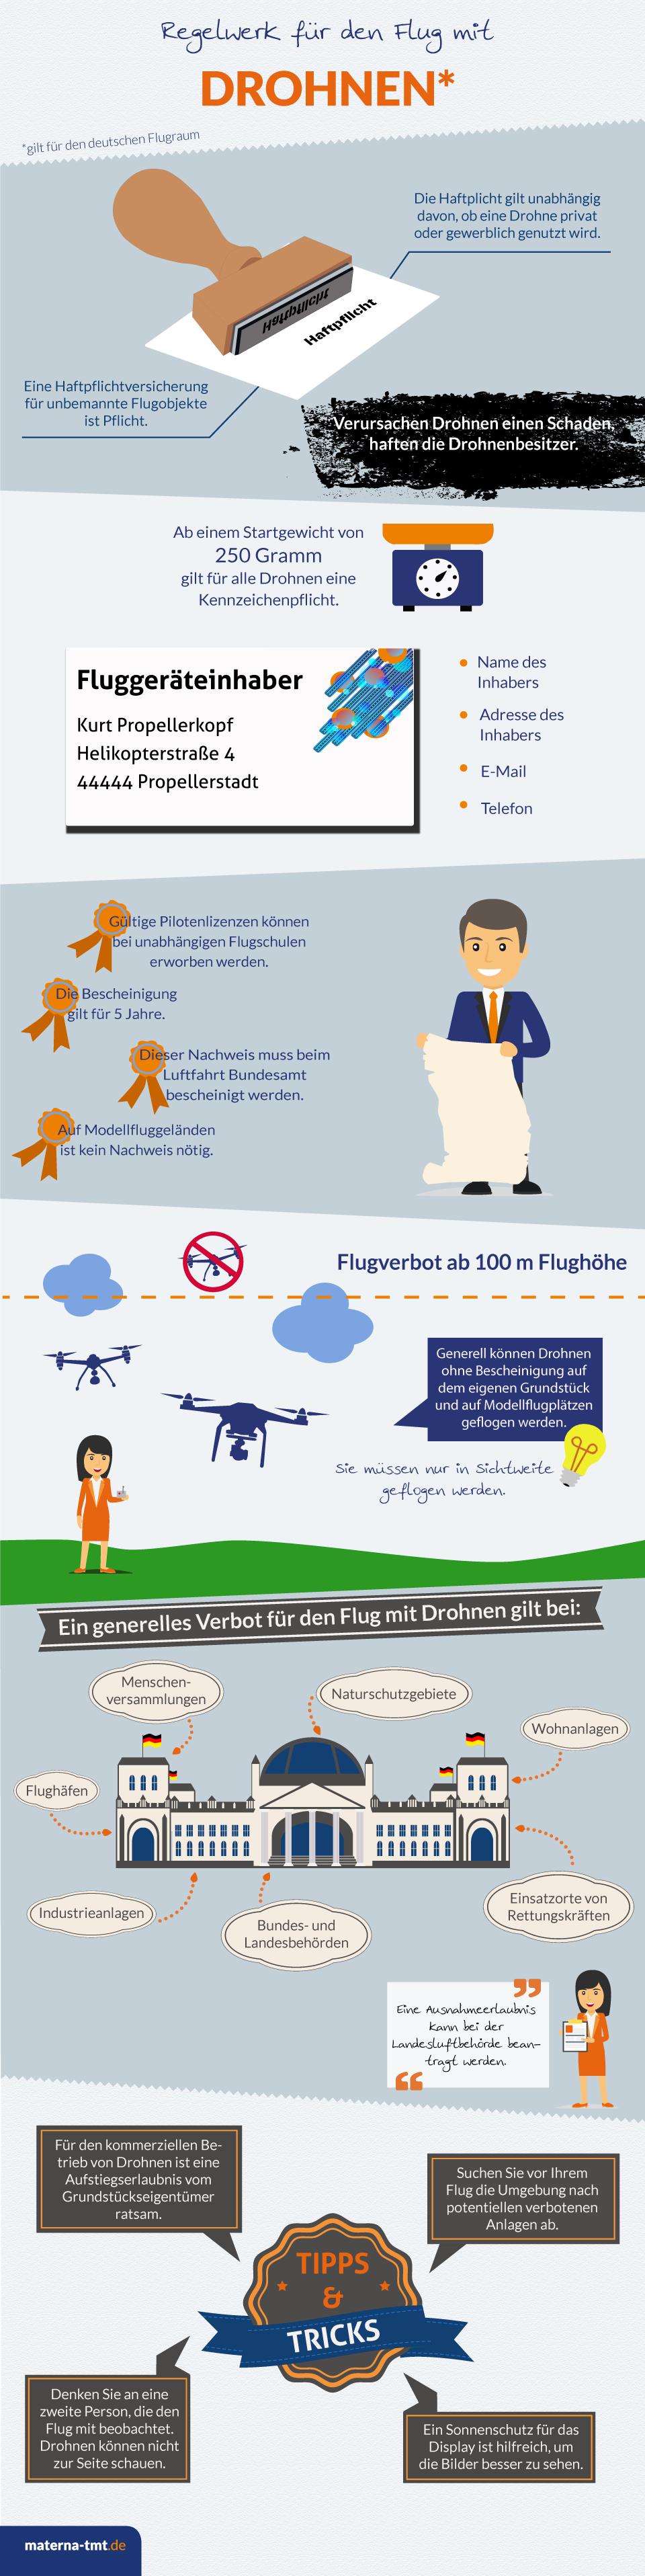 Grafik über die gesetzlichen Regelungen zum Drohnenflug